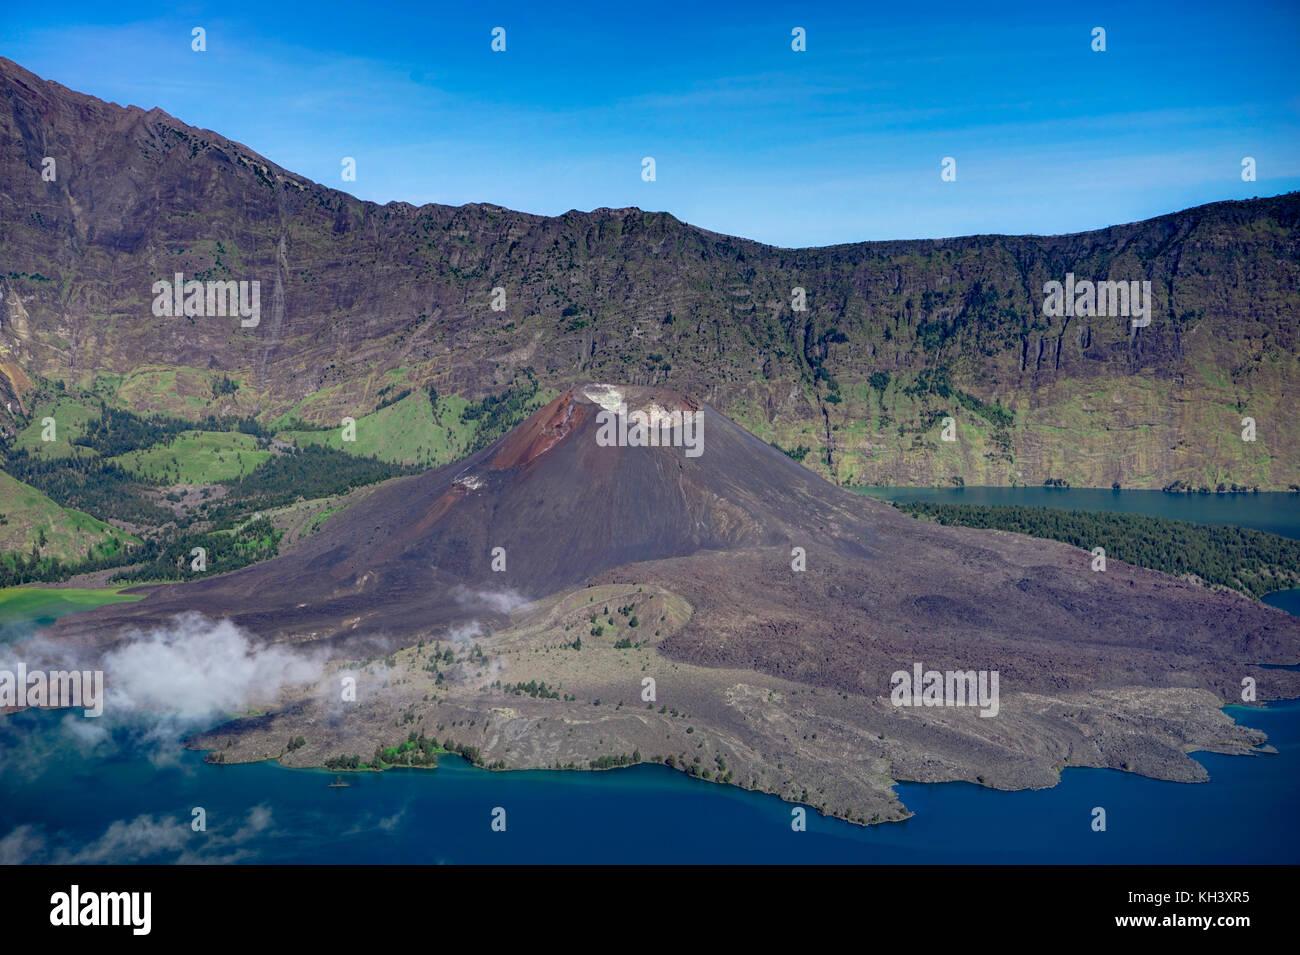 Vulcano Crater Lake del monte Rinjani Lombok Indonesia Immagini Stock